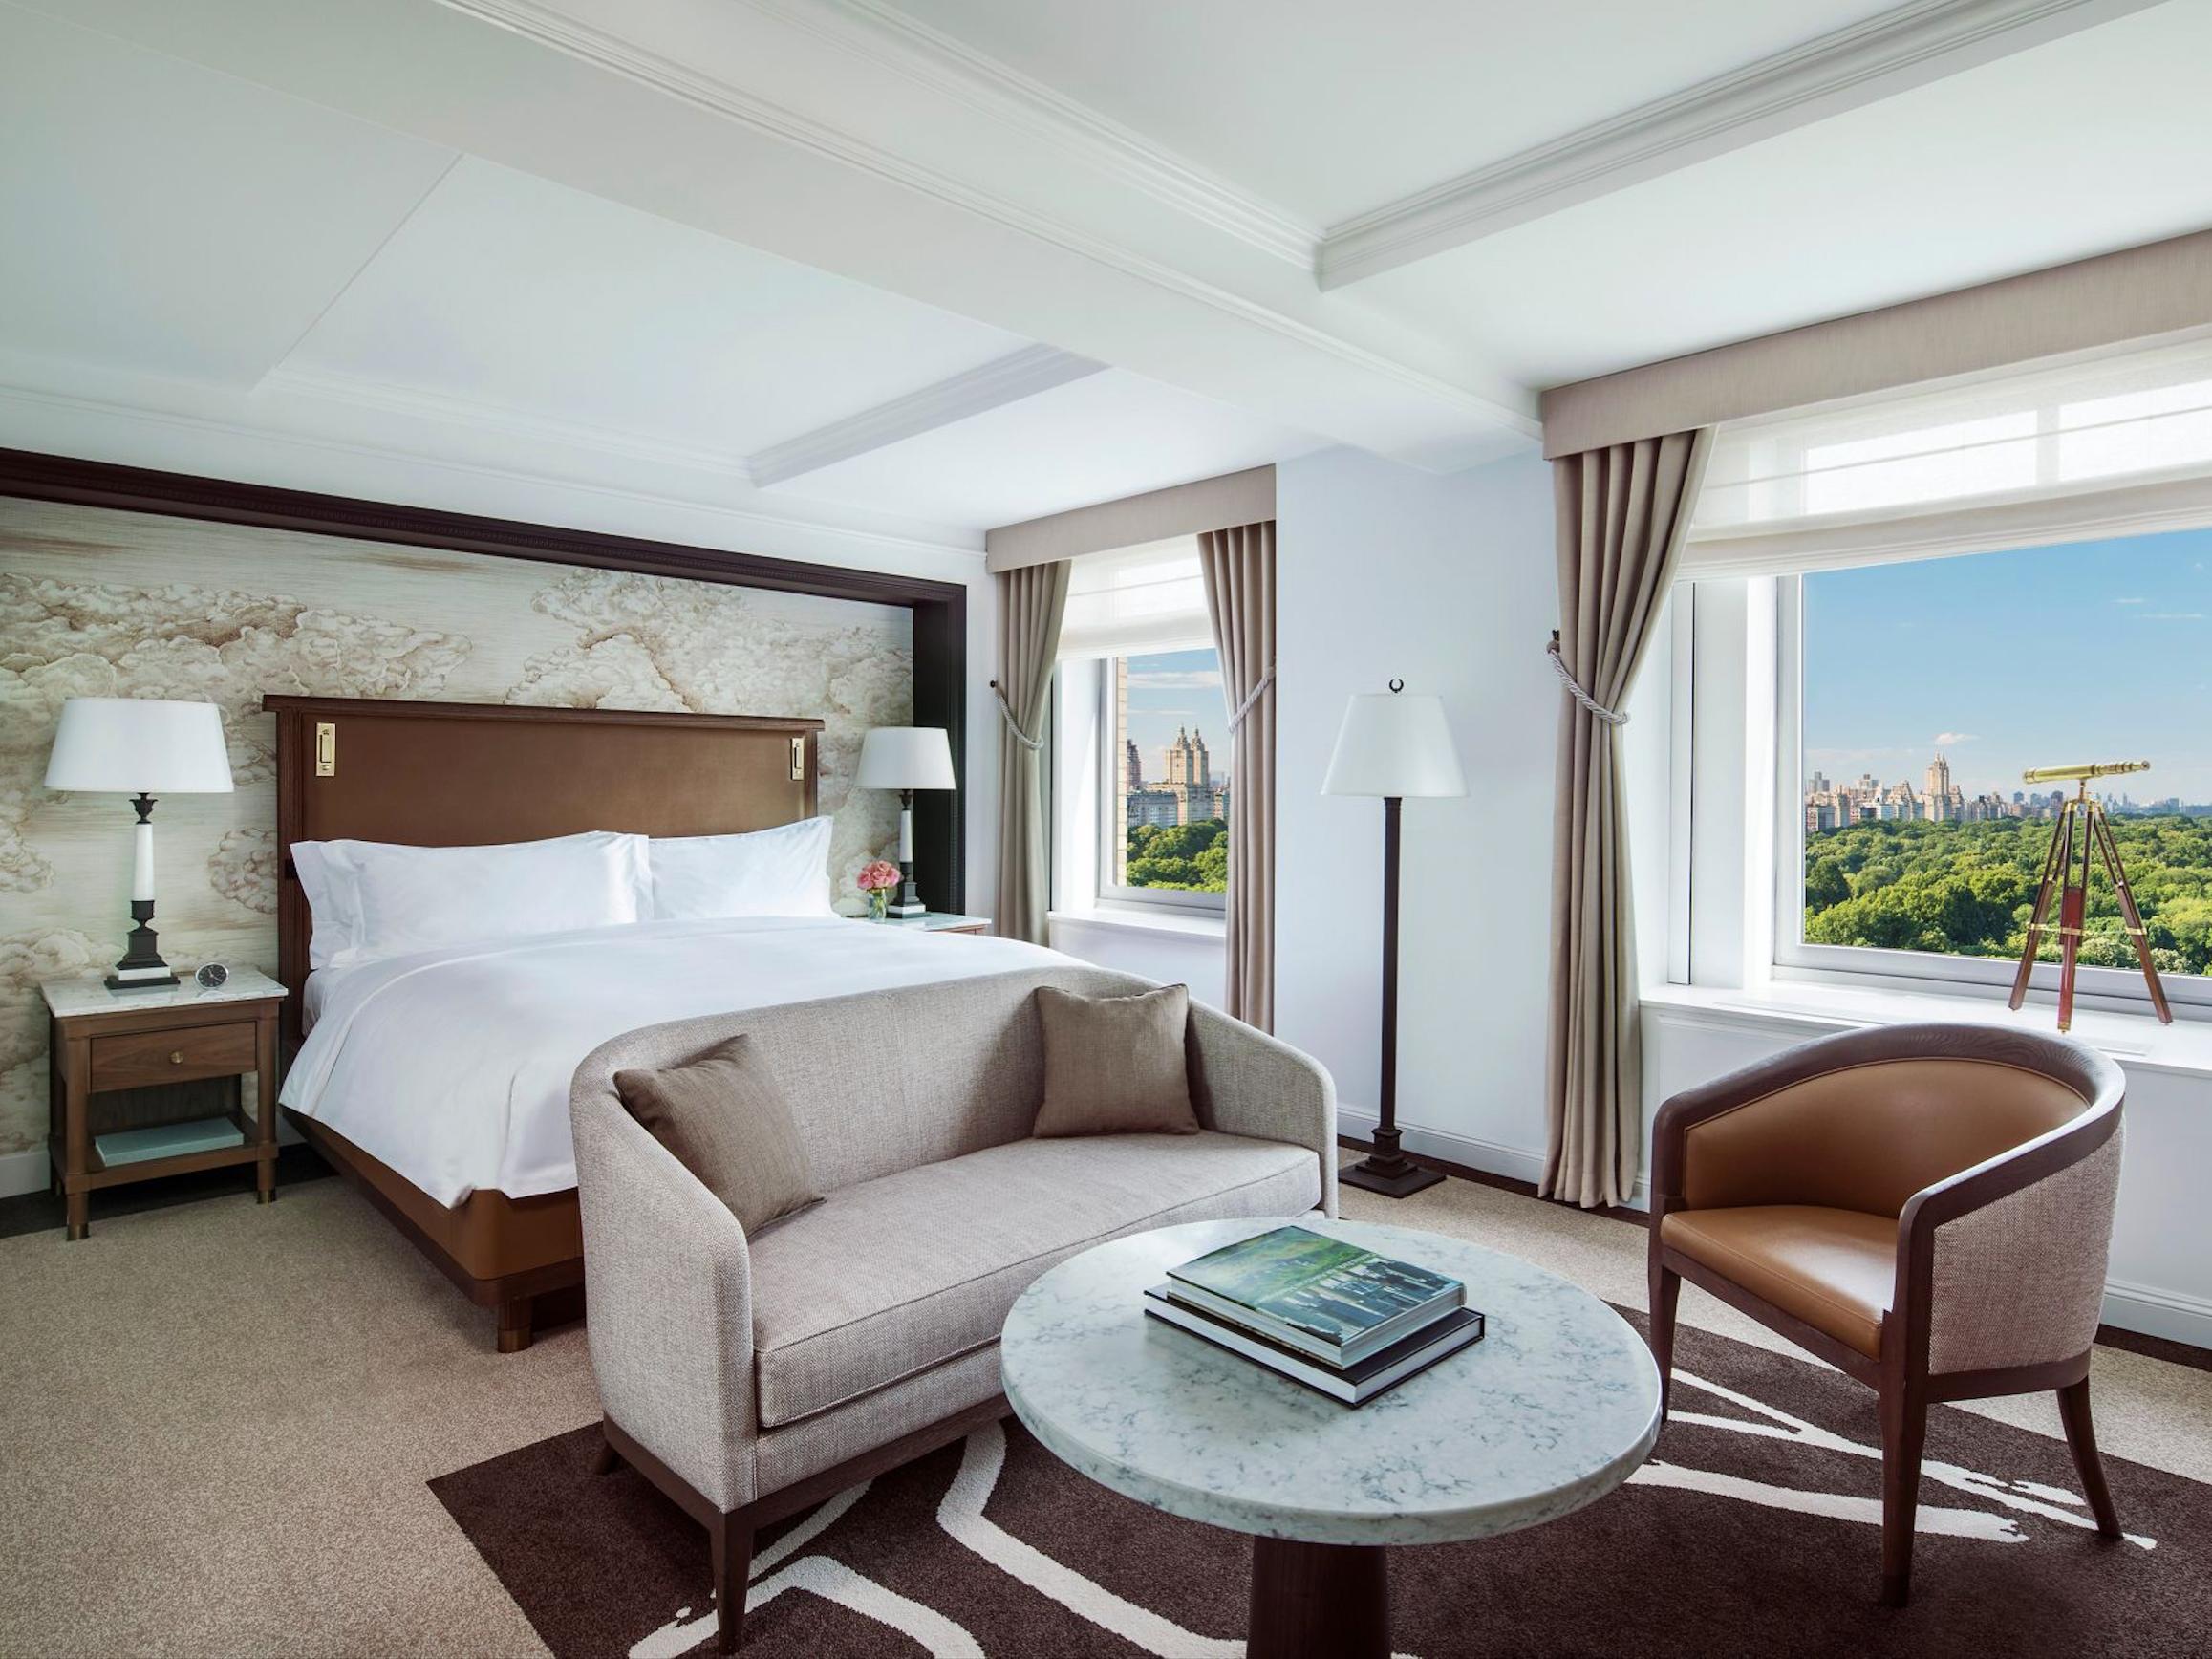 The Ritz-Carlton✩✩✩✩✩ - Стандартный номер:От $650 за ночь(В зависимости от сезона)Район: Центральный парк